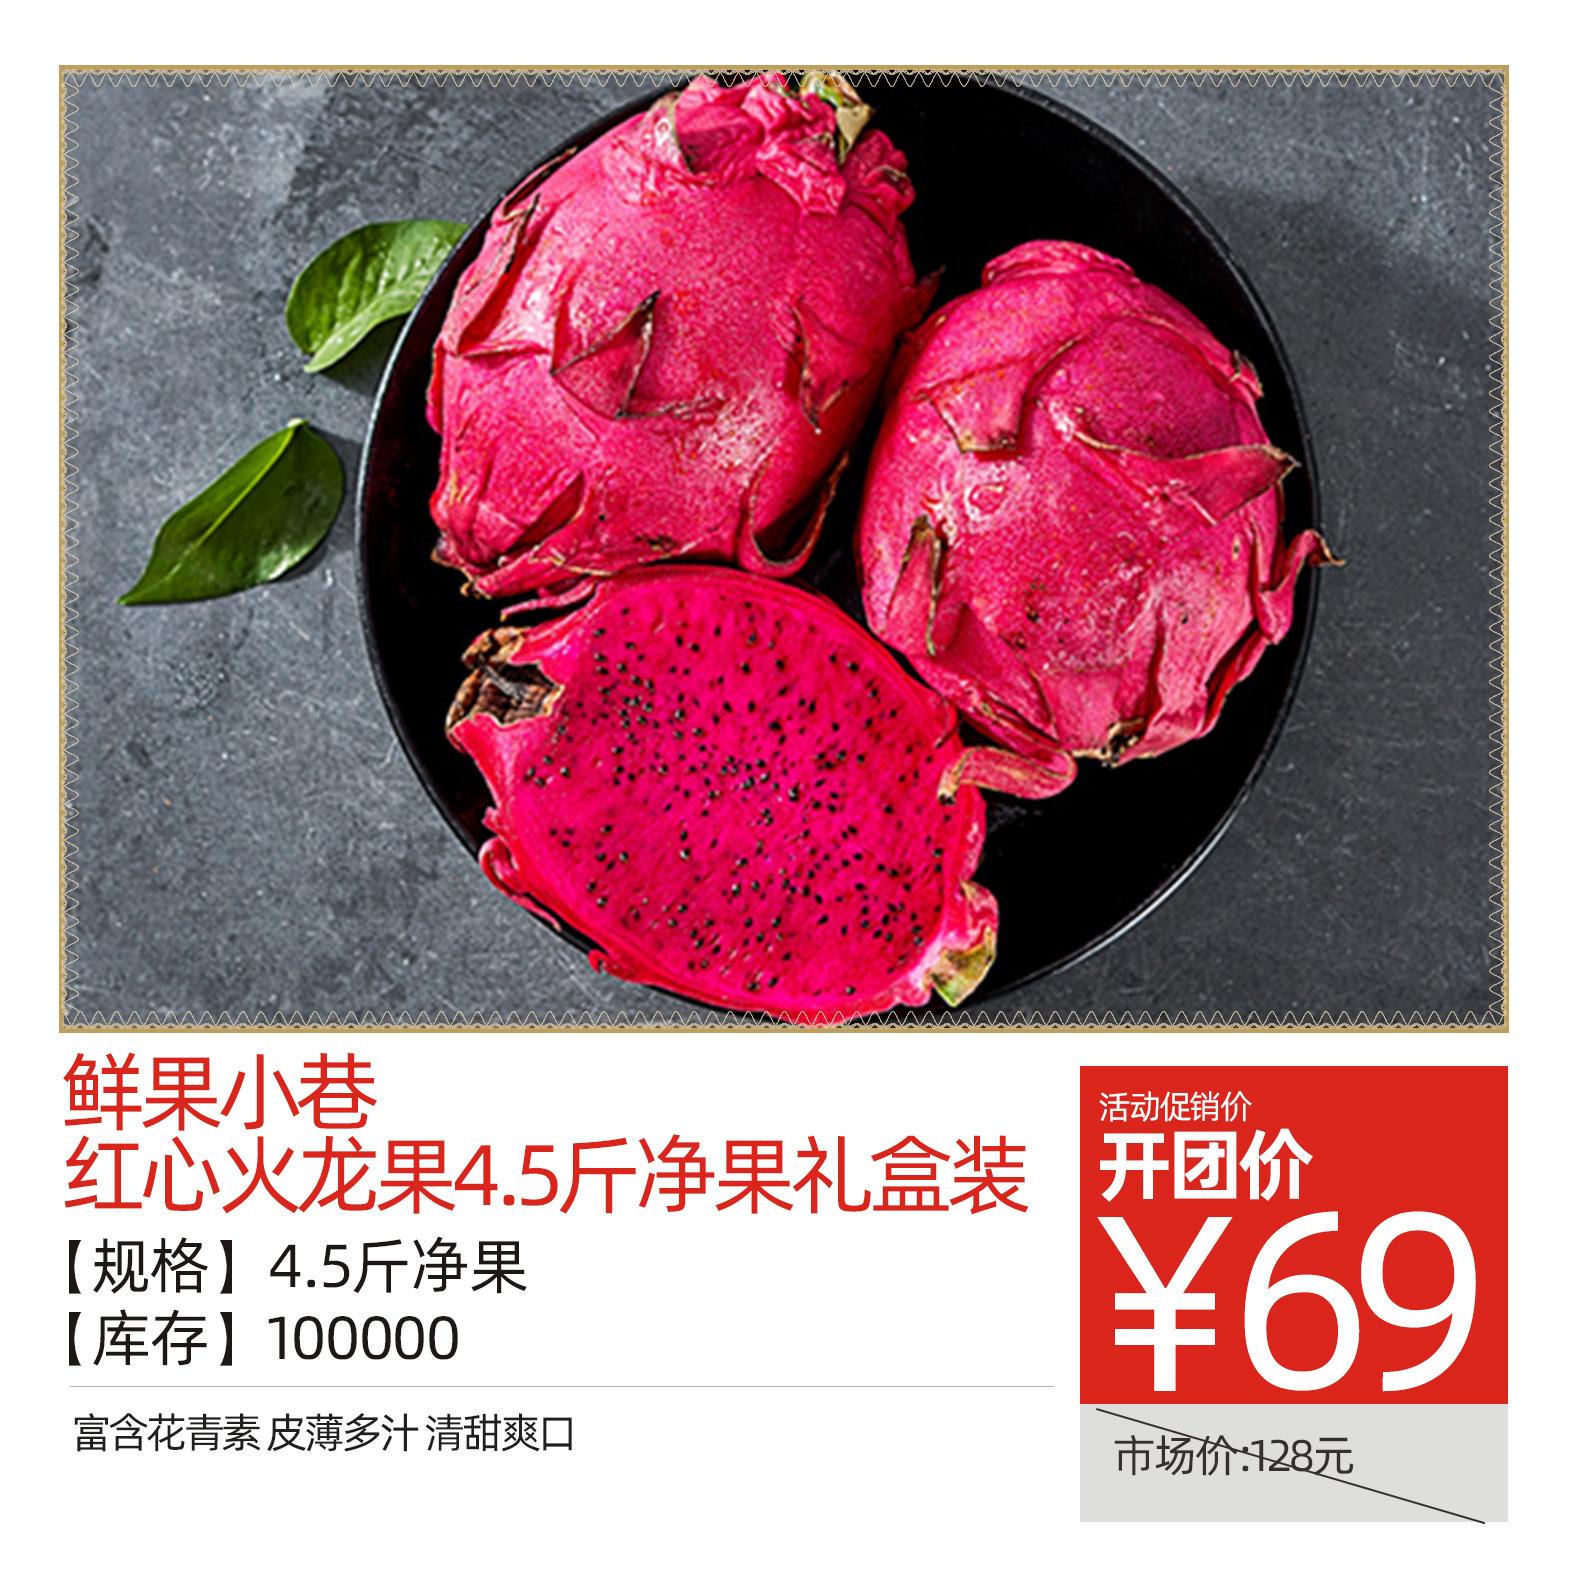 红心火龙果4.5斤净果礼盒装